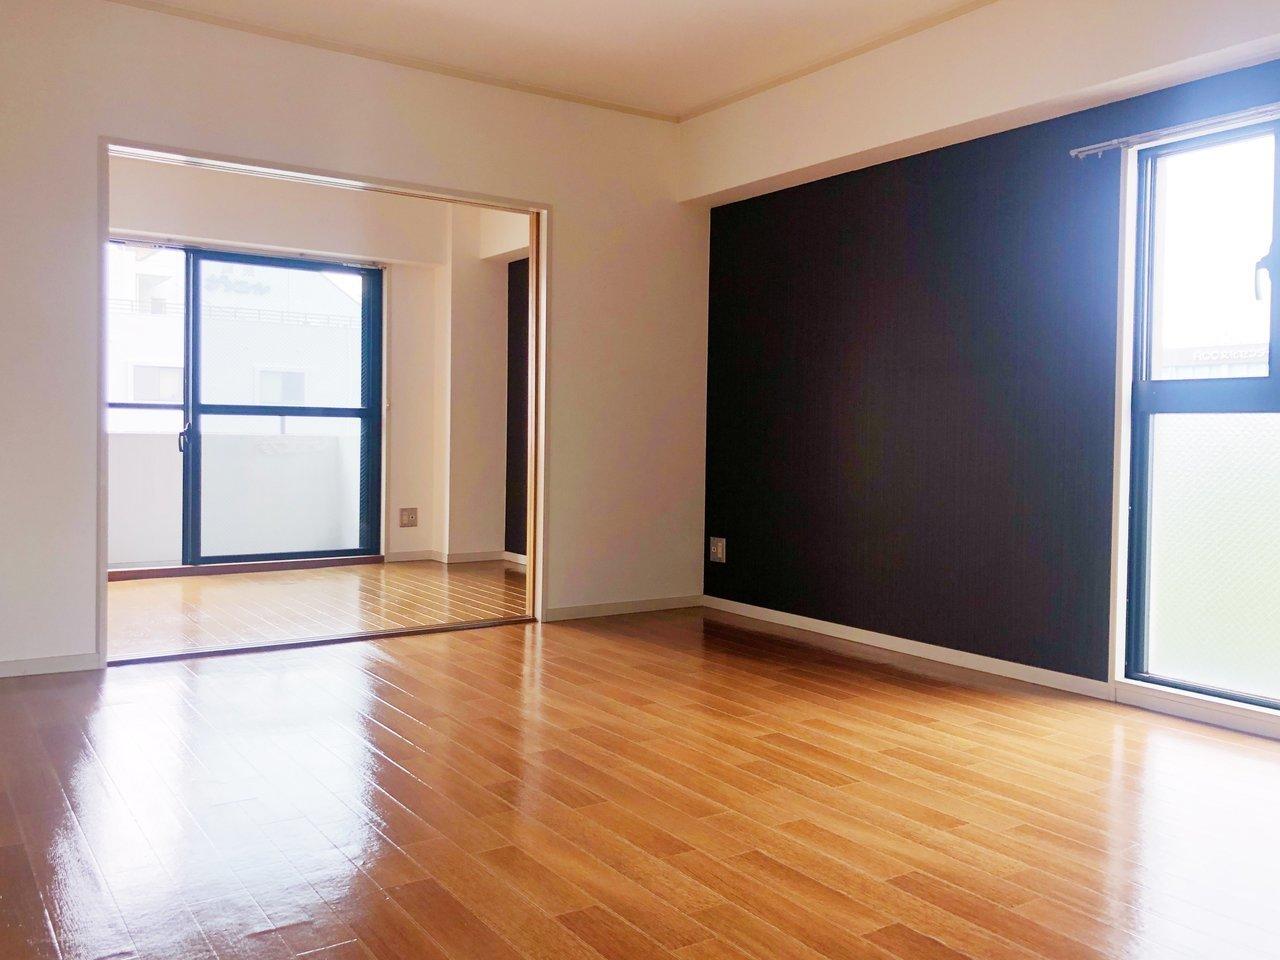 12畳のLDKは窓もあって明るく、いろんな家具配置が楽しめそうです。